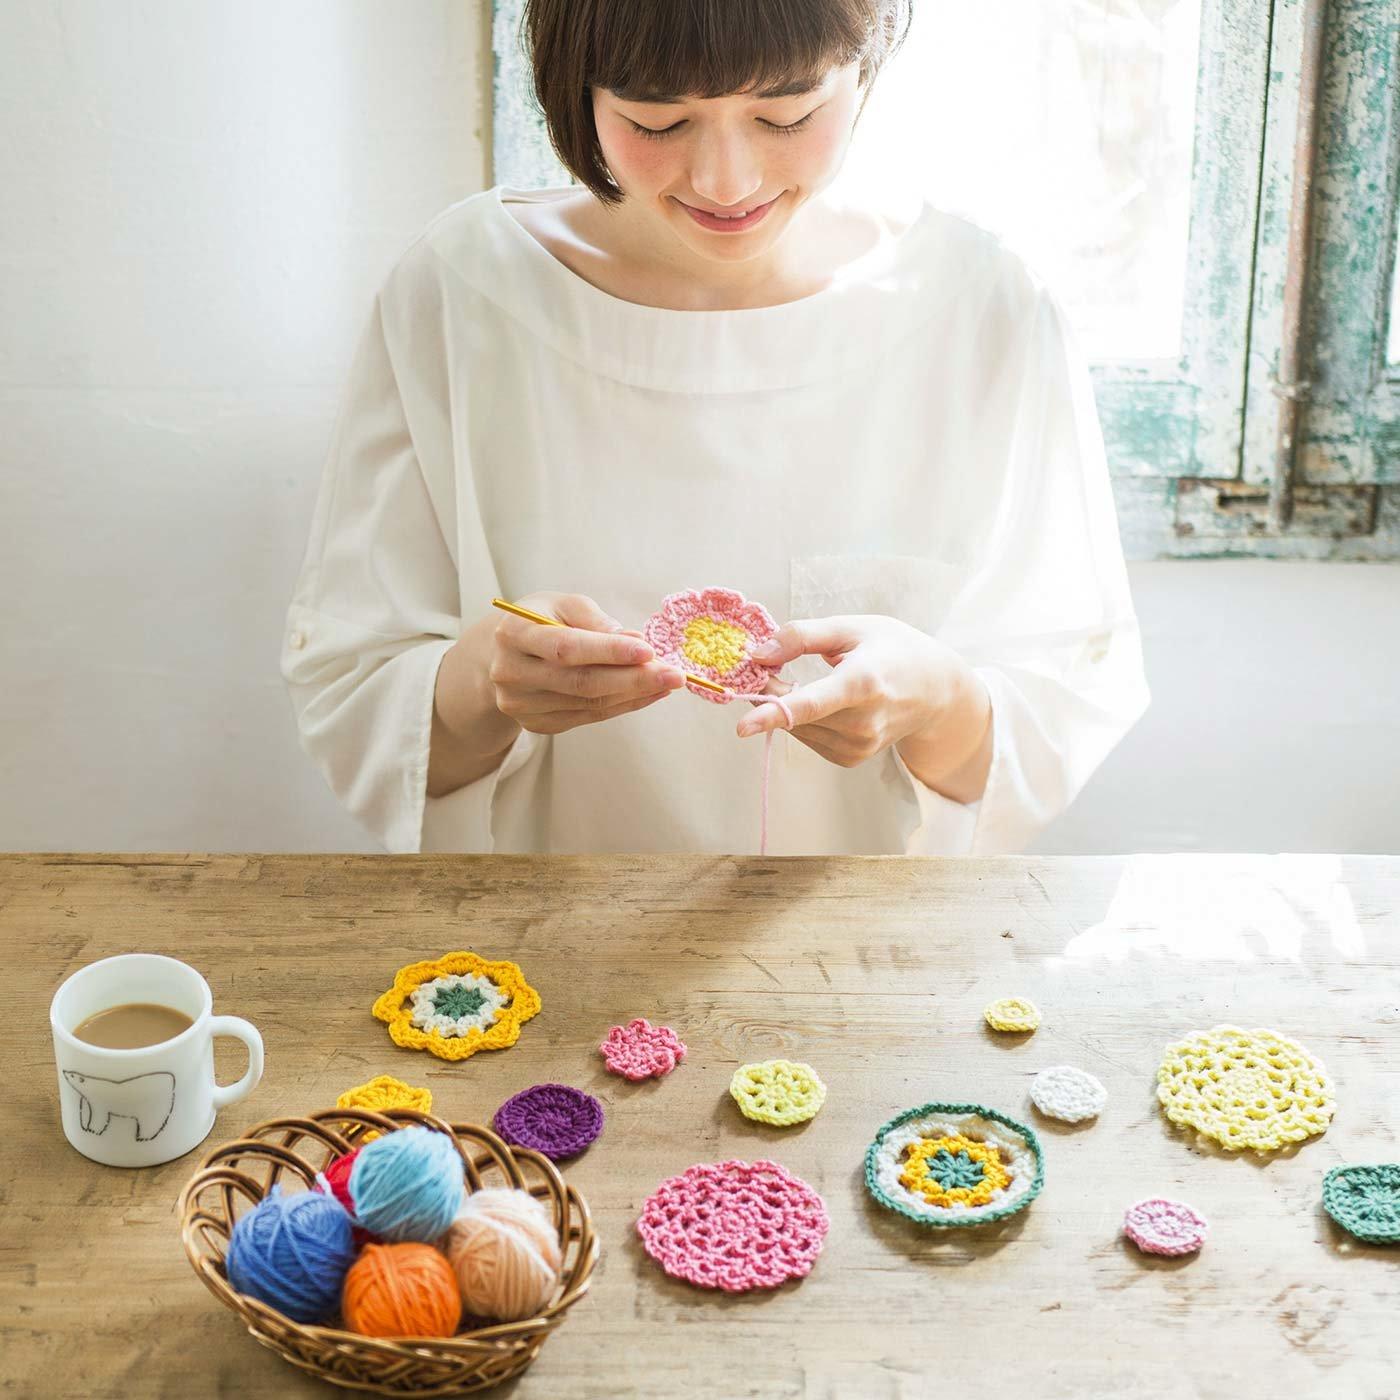 【9回分セット販売】「はじめてさんのきほんのき」 くさり編みからきちんとレッスン♪ かぎ針モチーフ編みの会